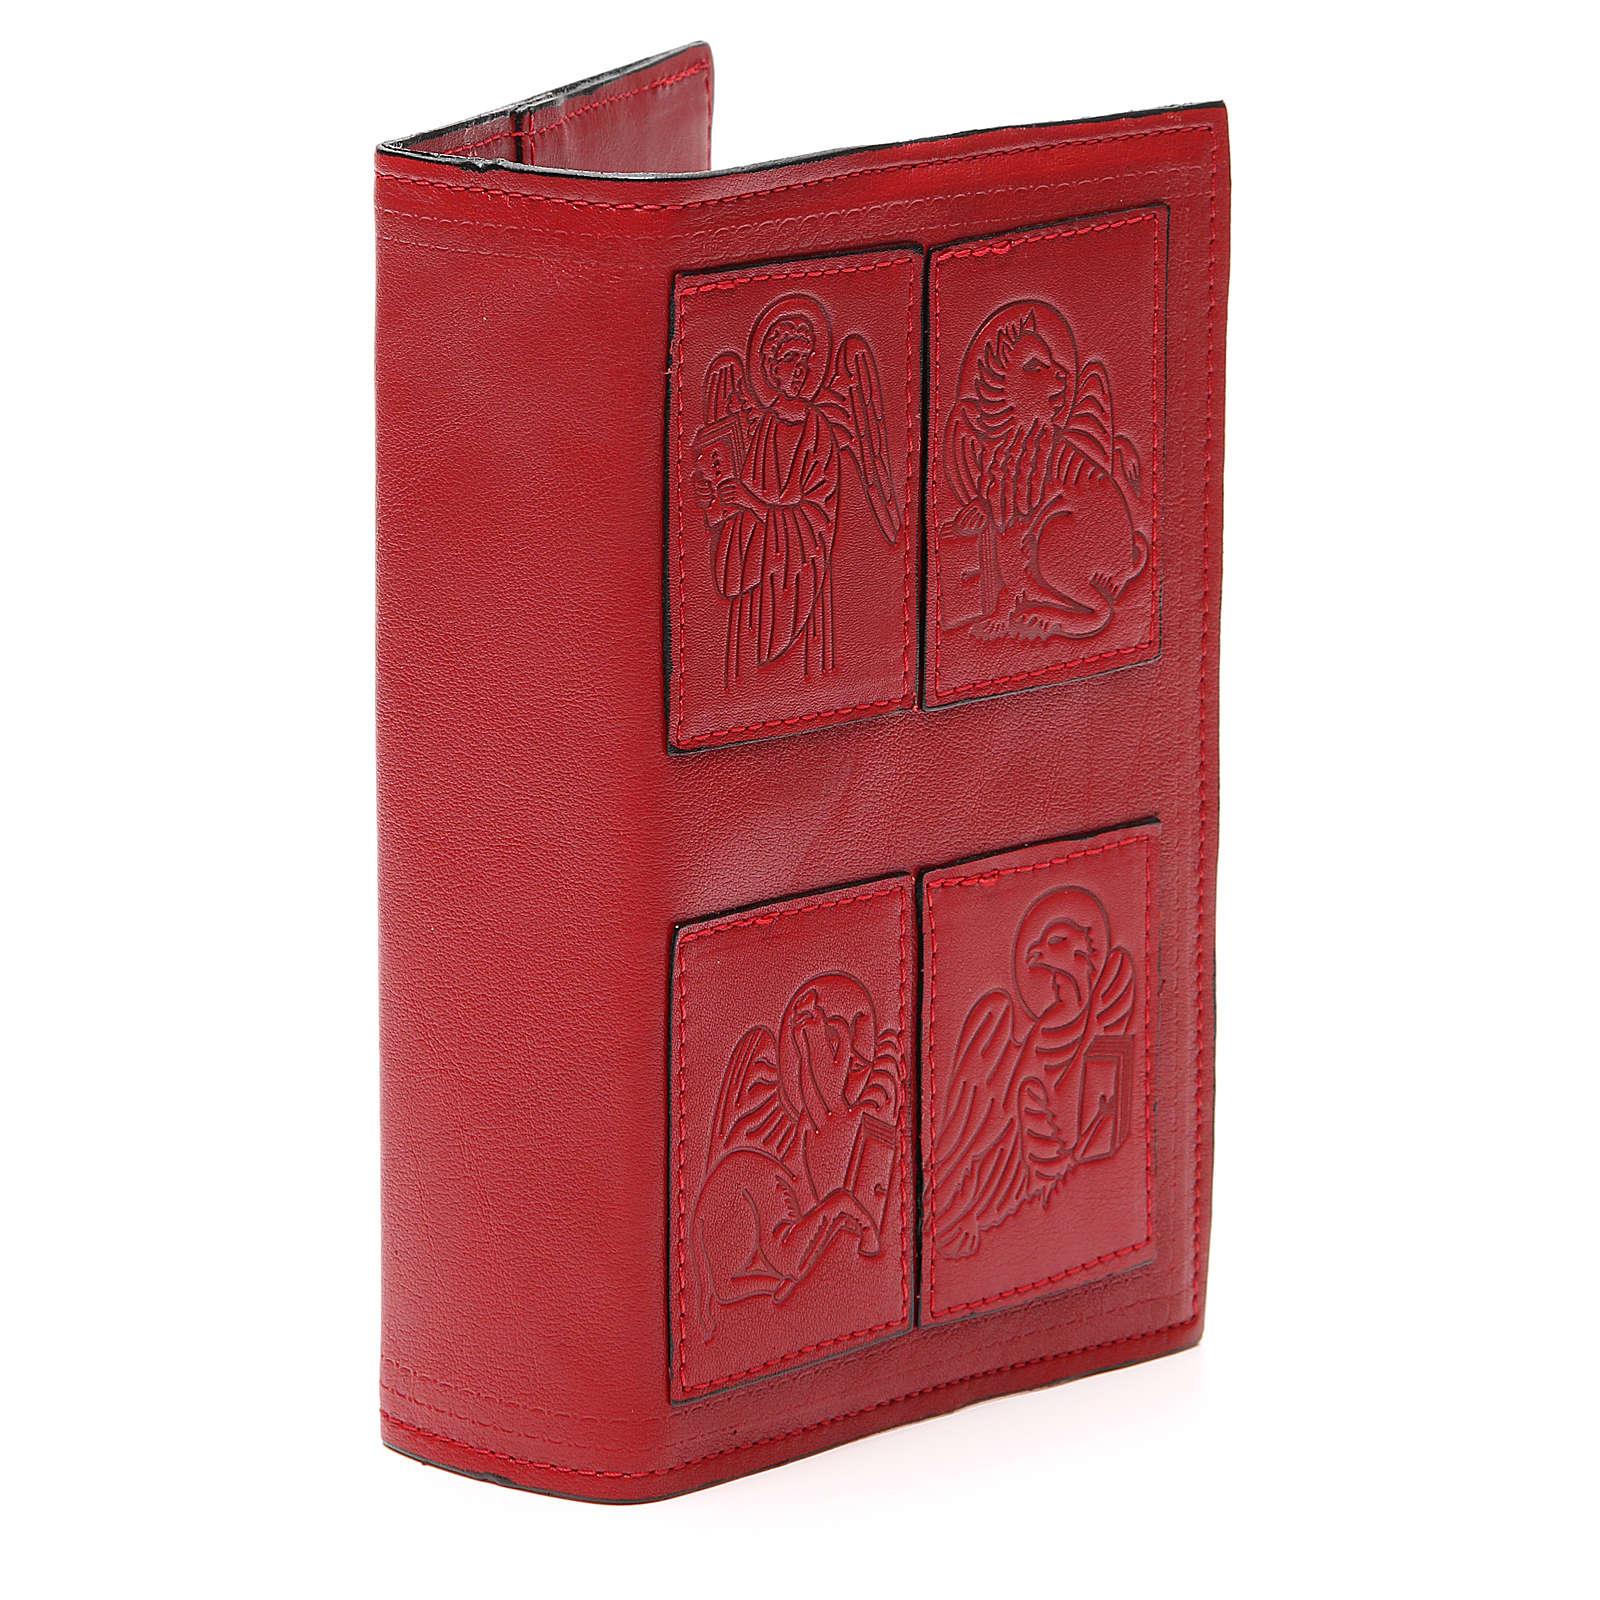 Couverture Lit. Heures 4 vol. Évangélistes cuir rouge 4